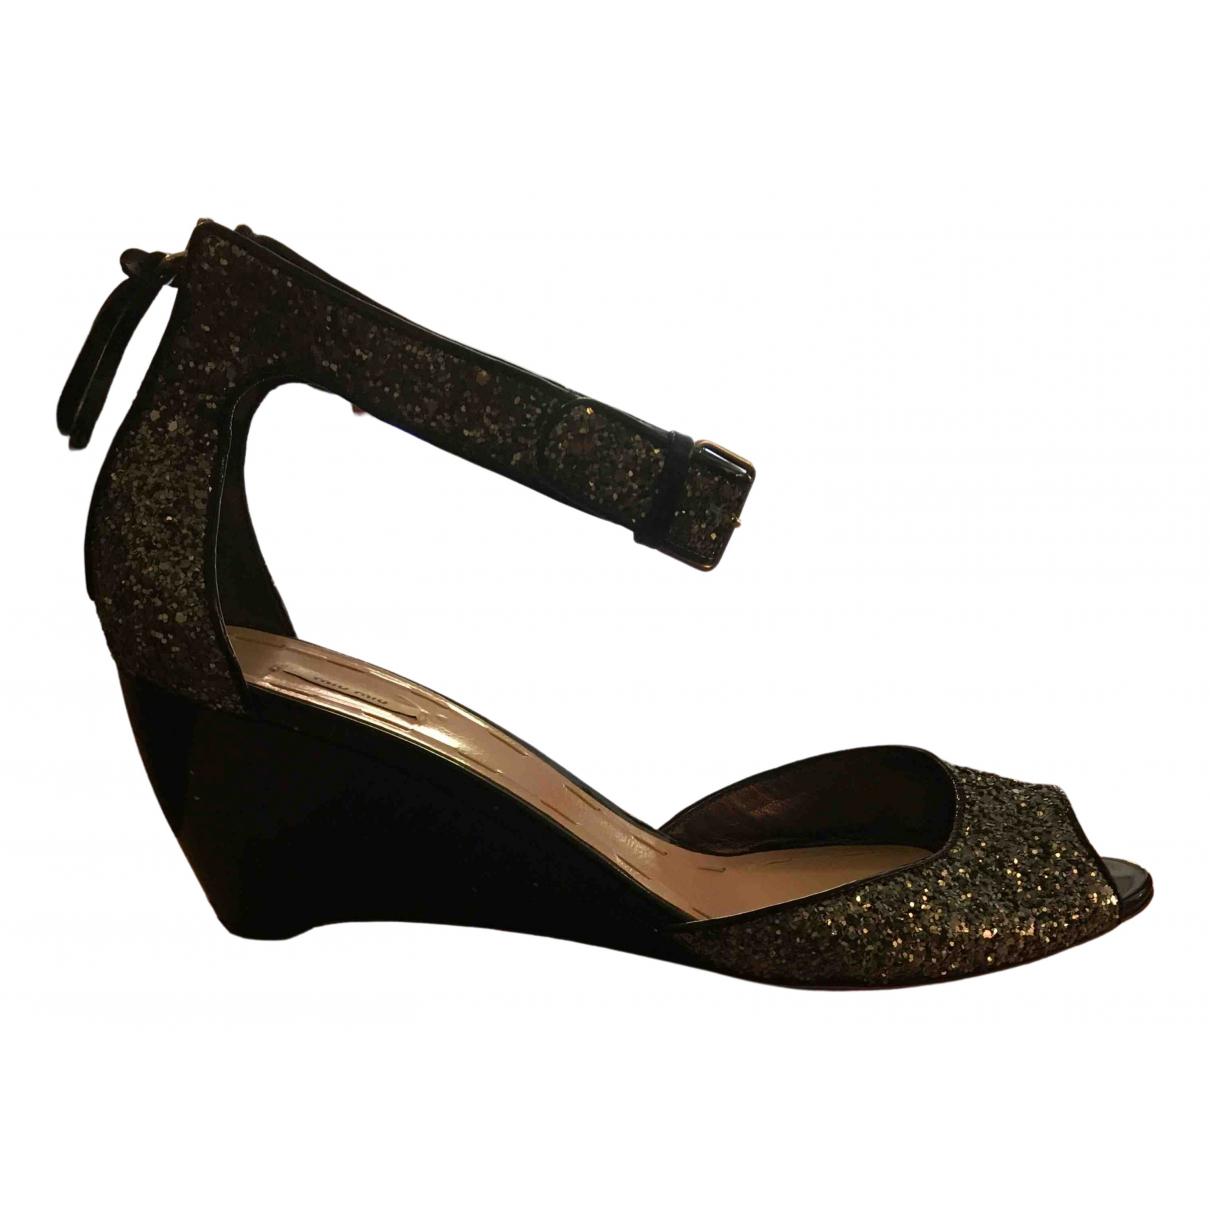 Miu Miu N Blue Leather Sandals for Women 40 EU